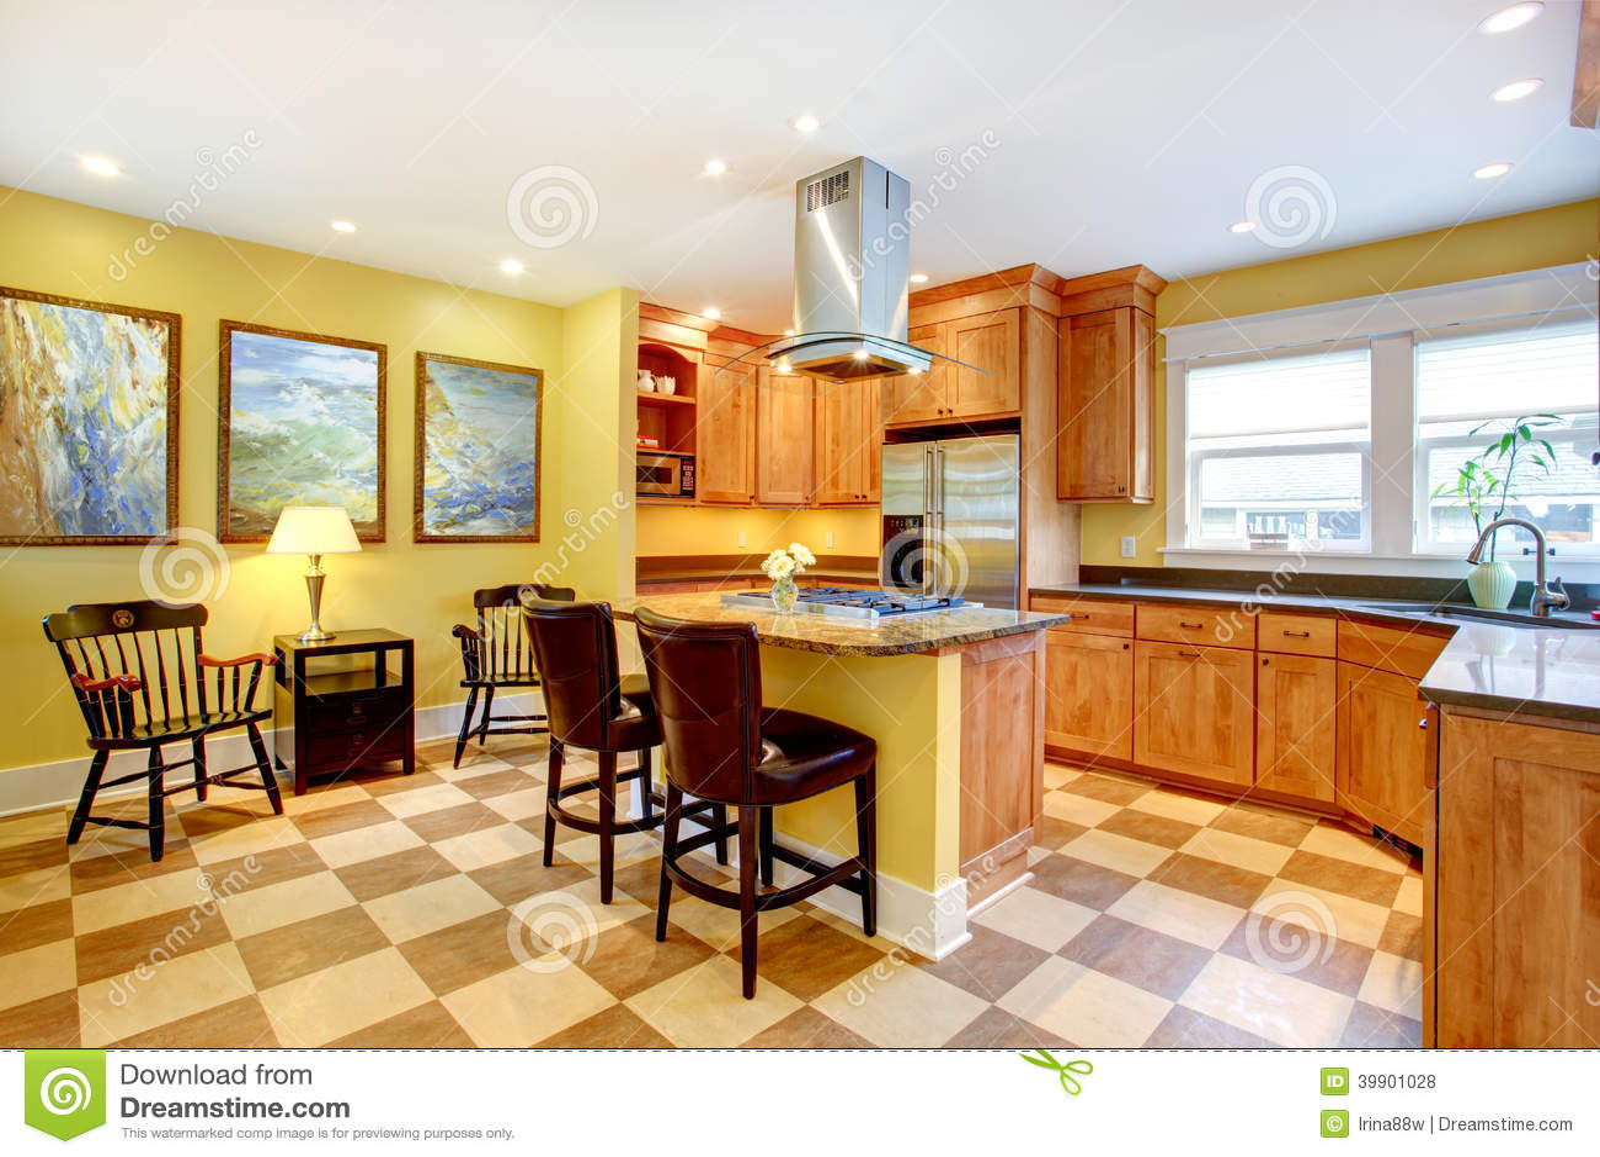 Pareti Interne Gialle : Interno della cucina pareti gialle e pavimento ...